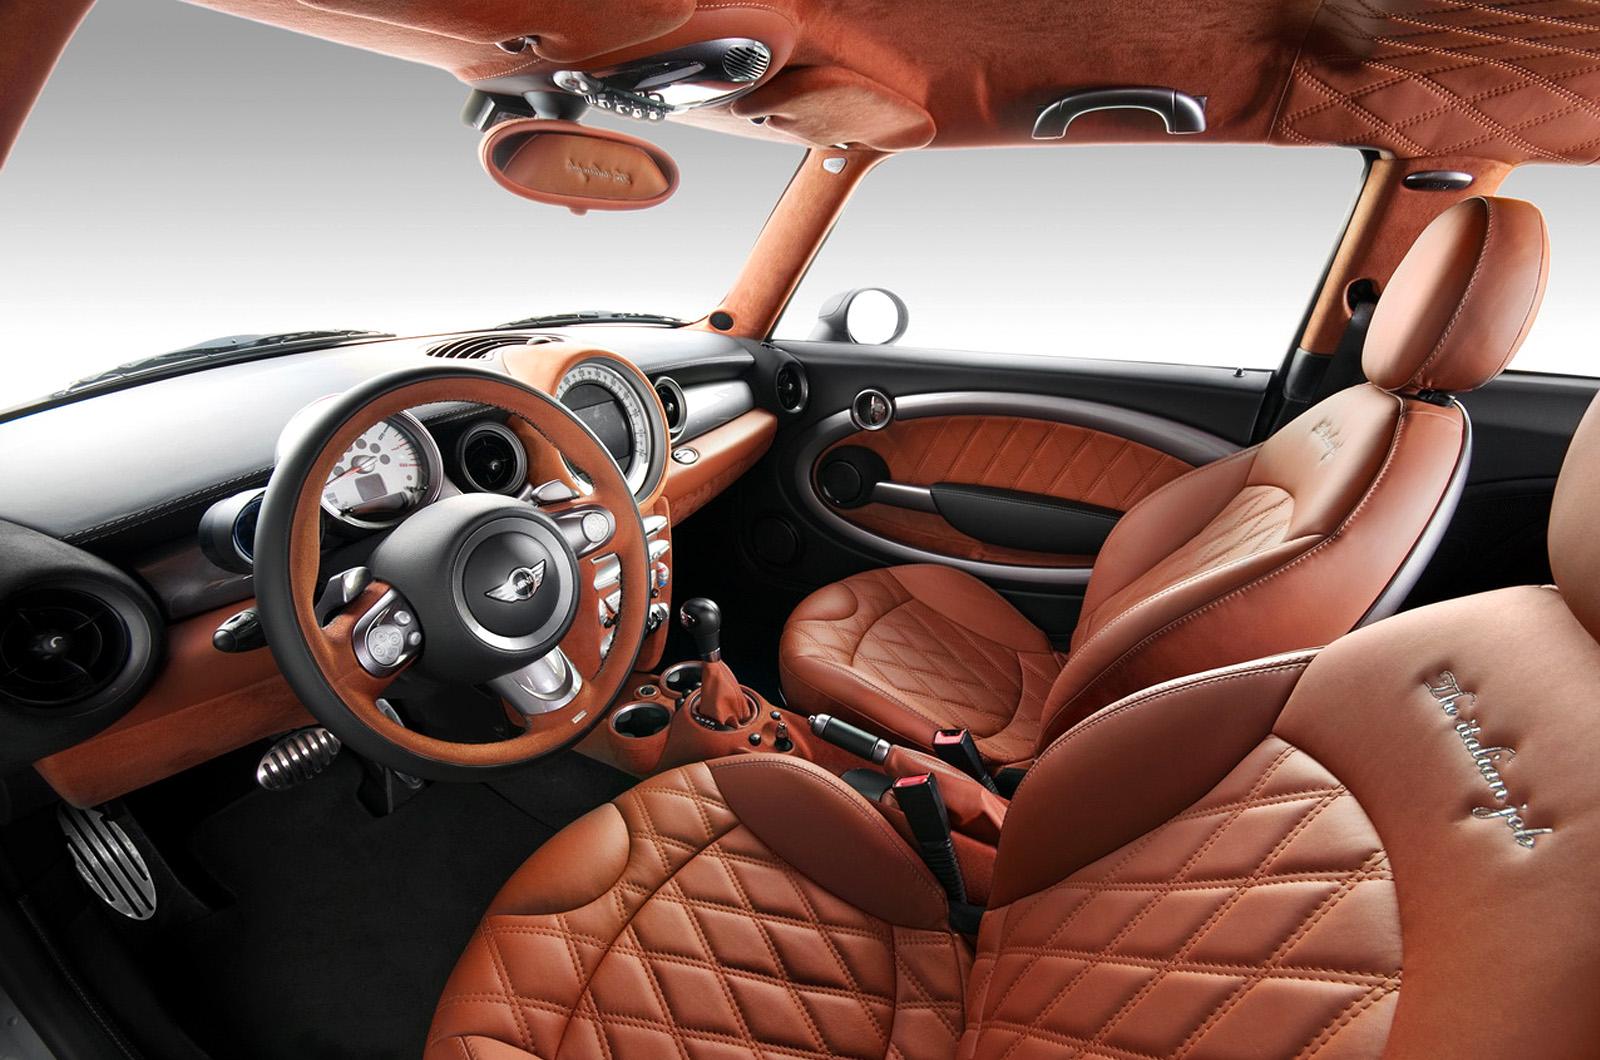 designer car interior - photo #4